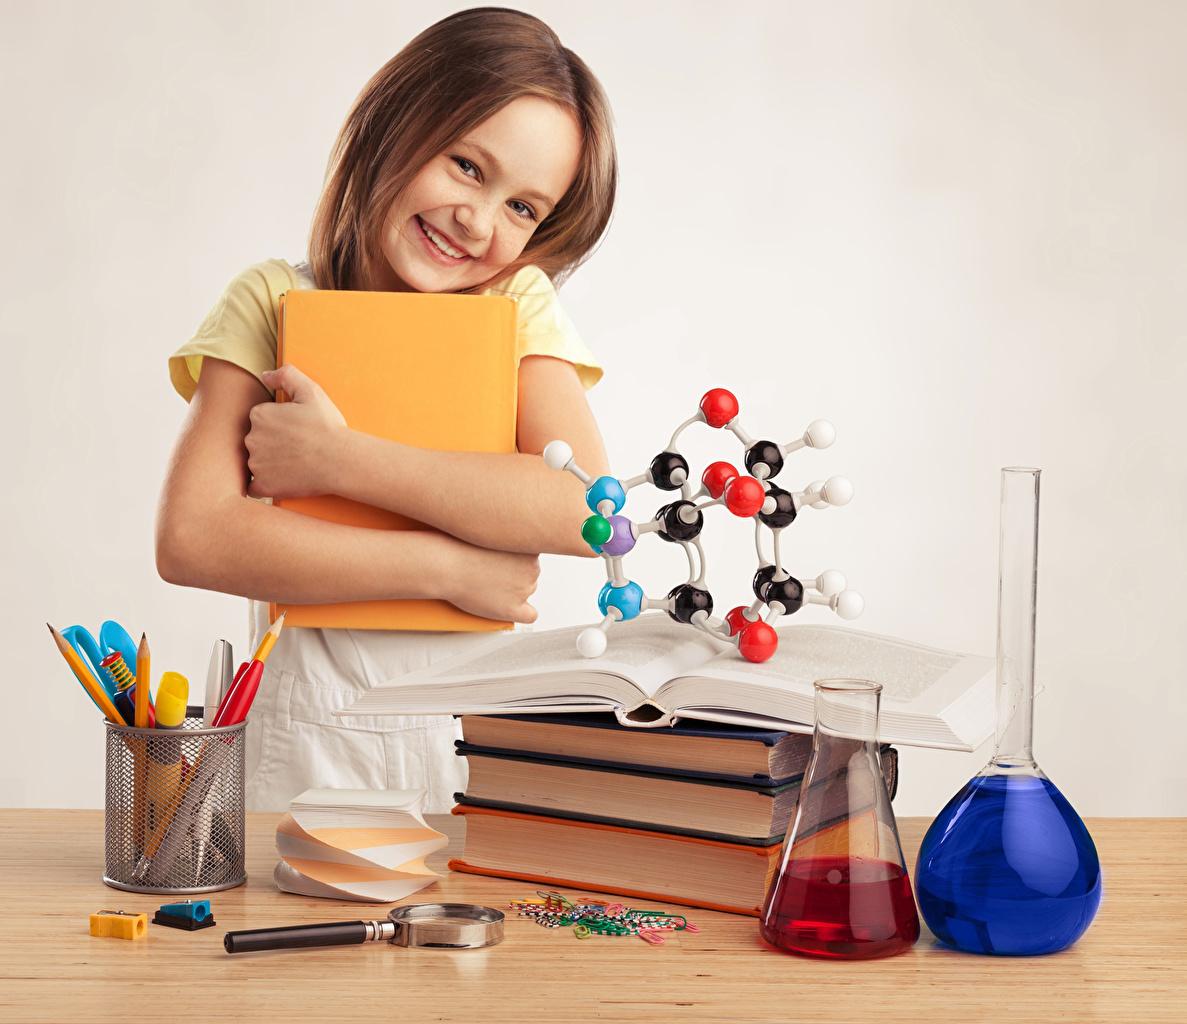 Картинка Девочки Школа Увеличительное стекло Улыбка Ребёнок Книга школьные Лупа Дети